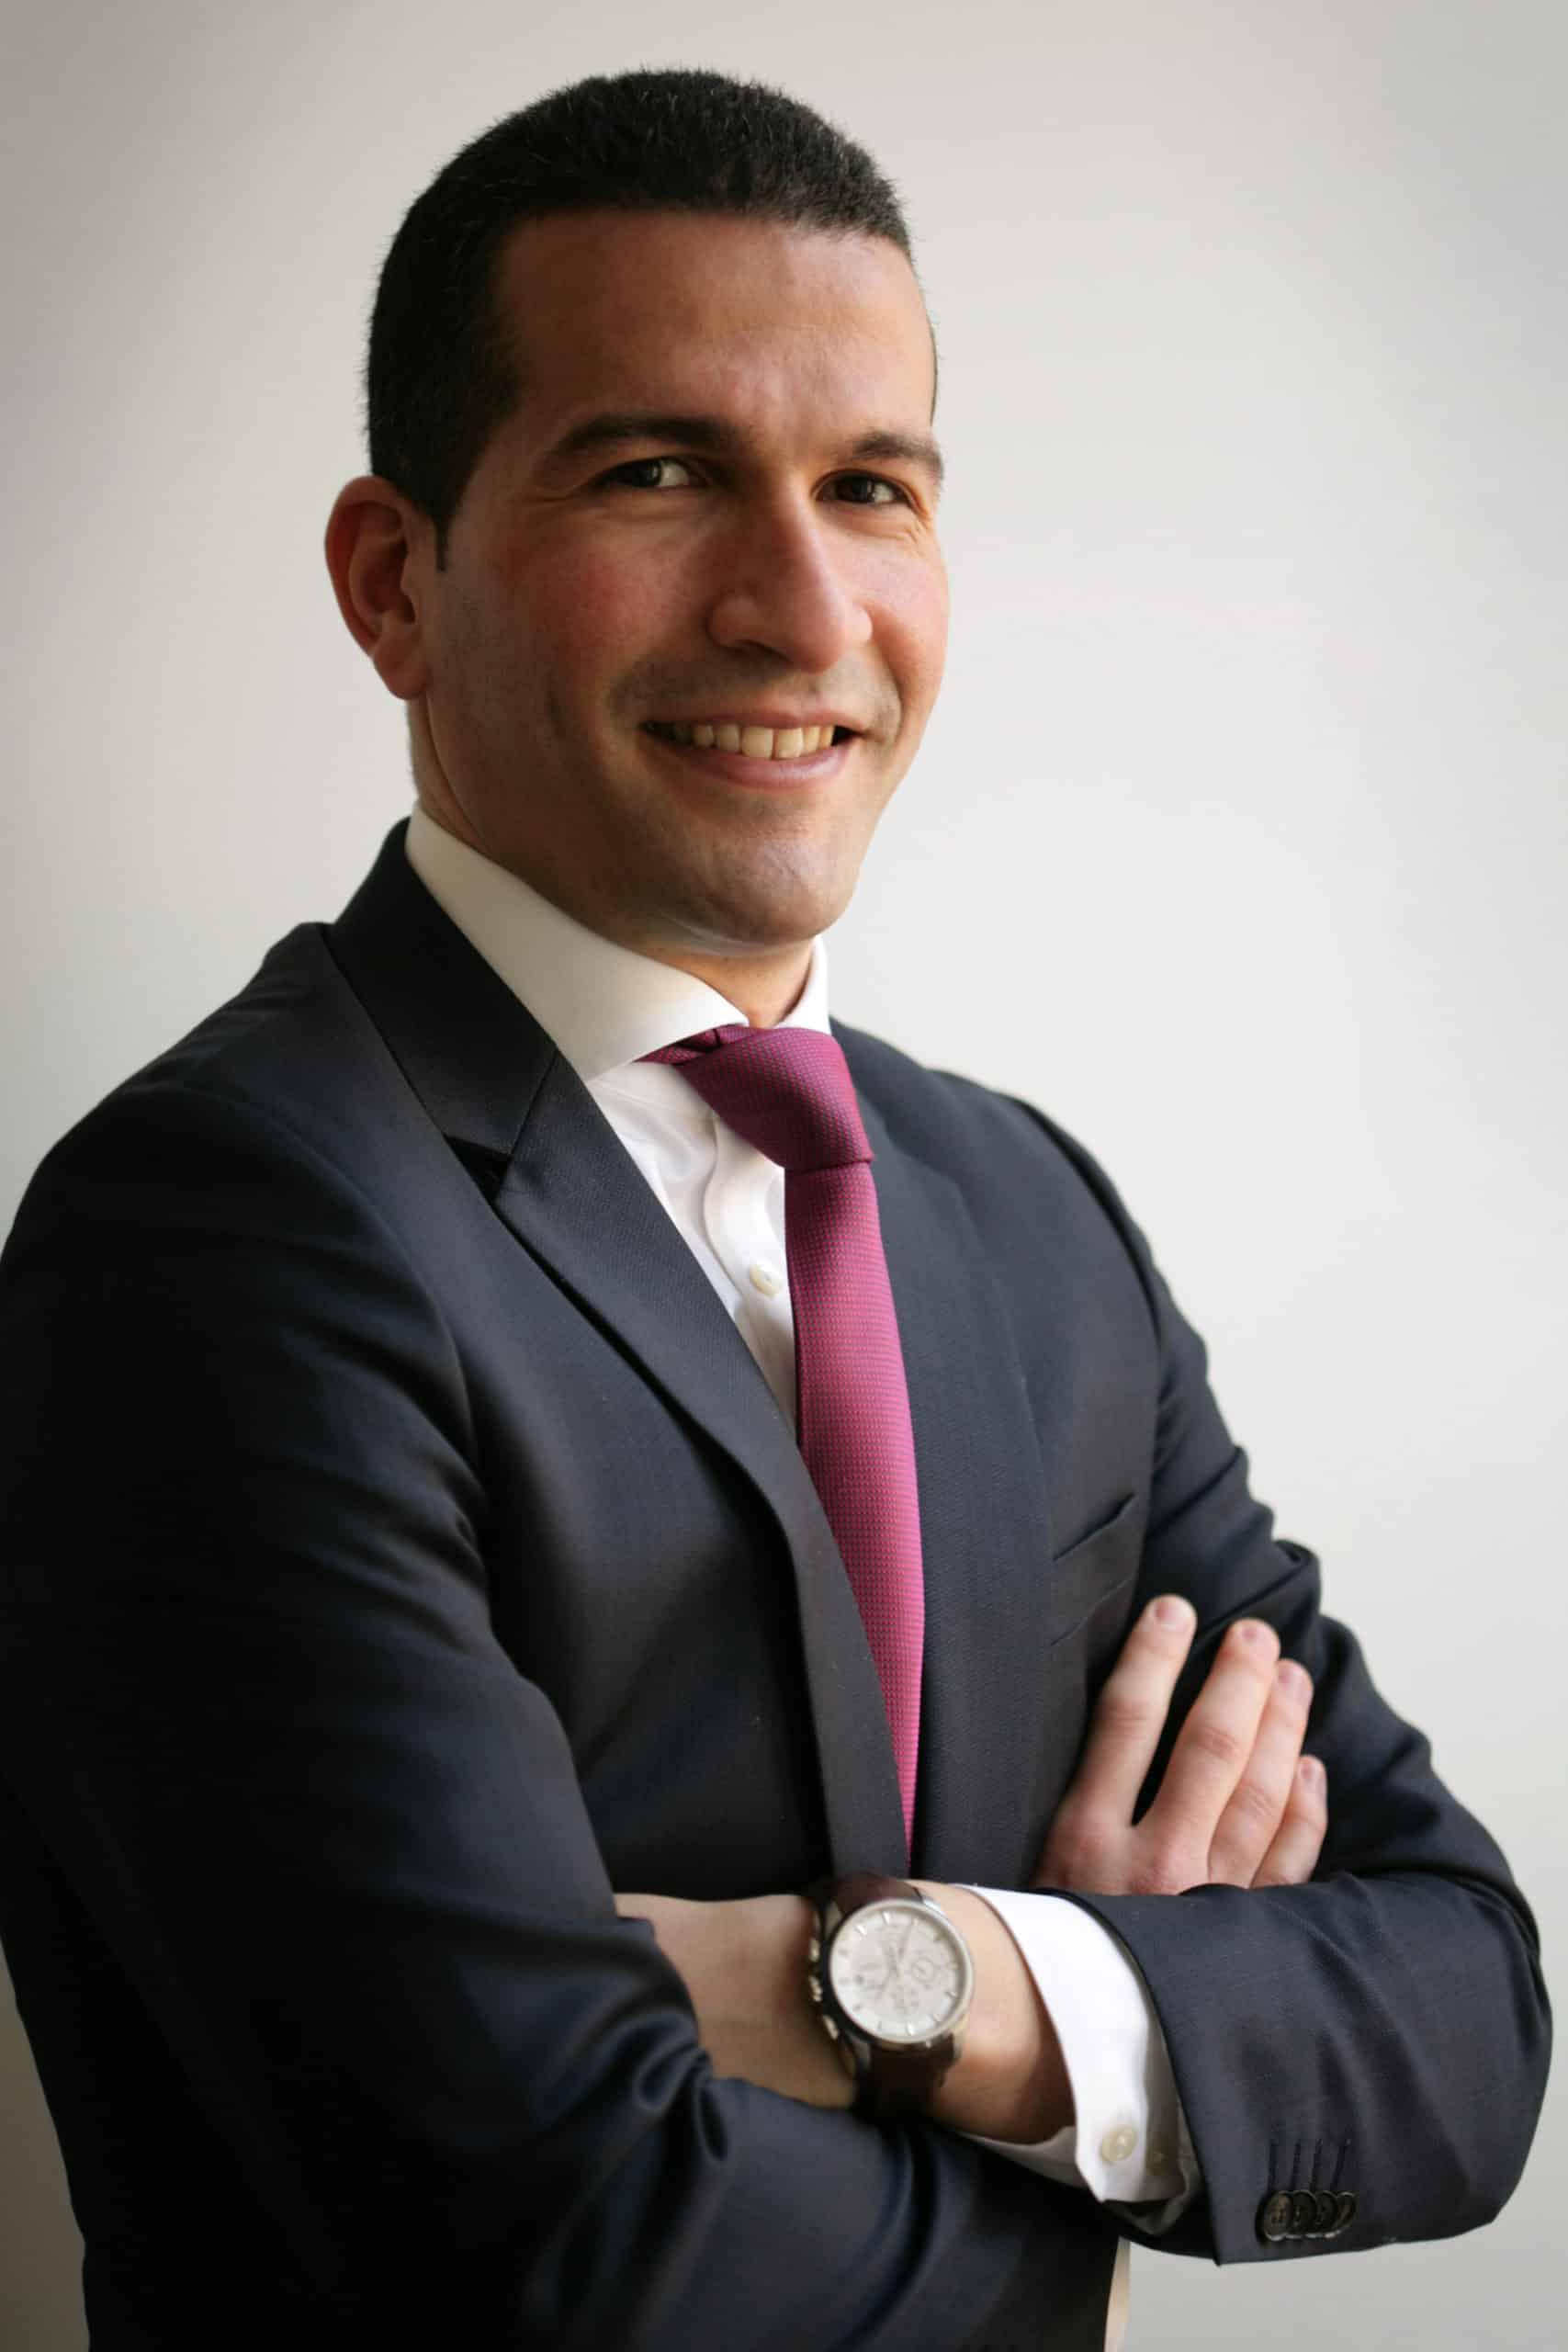 Amine Hameg